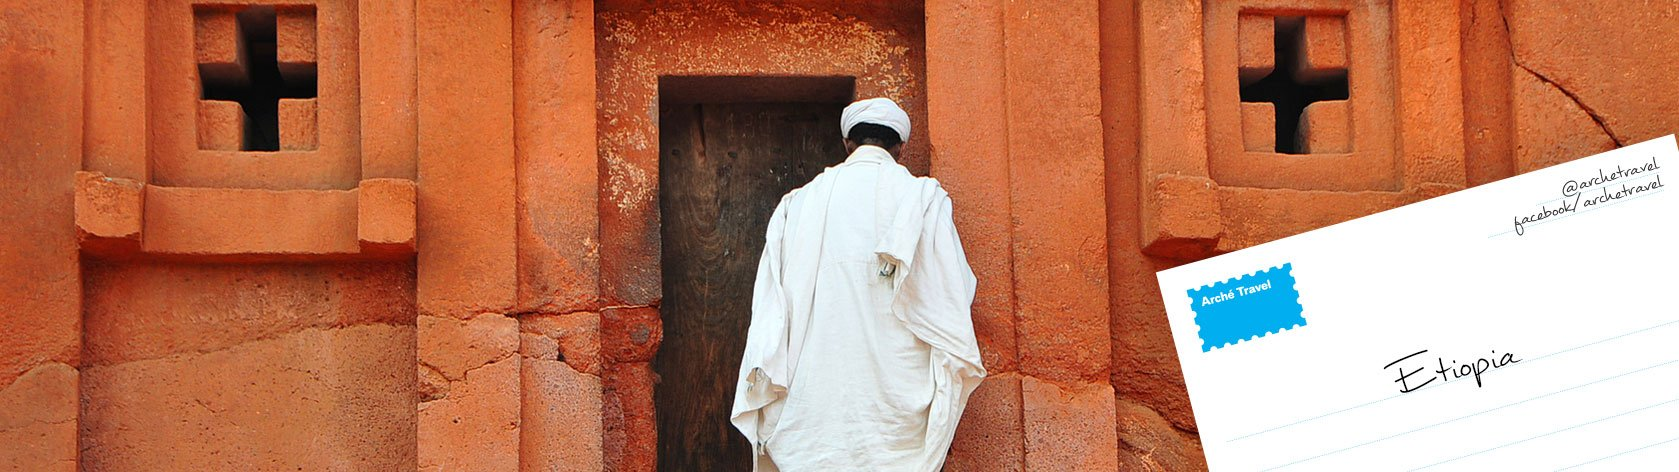 Blog Etiopia - Guida di Viaggio Etiopia - Blog di Viaggio Etiopia